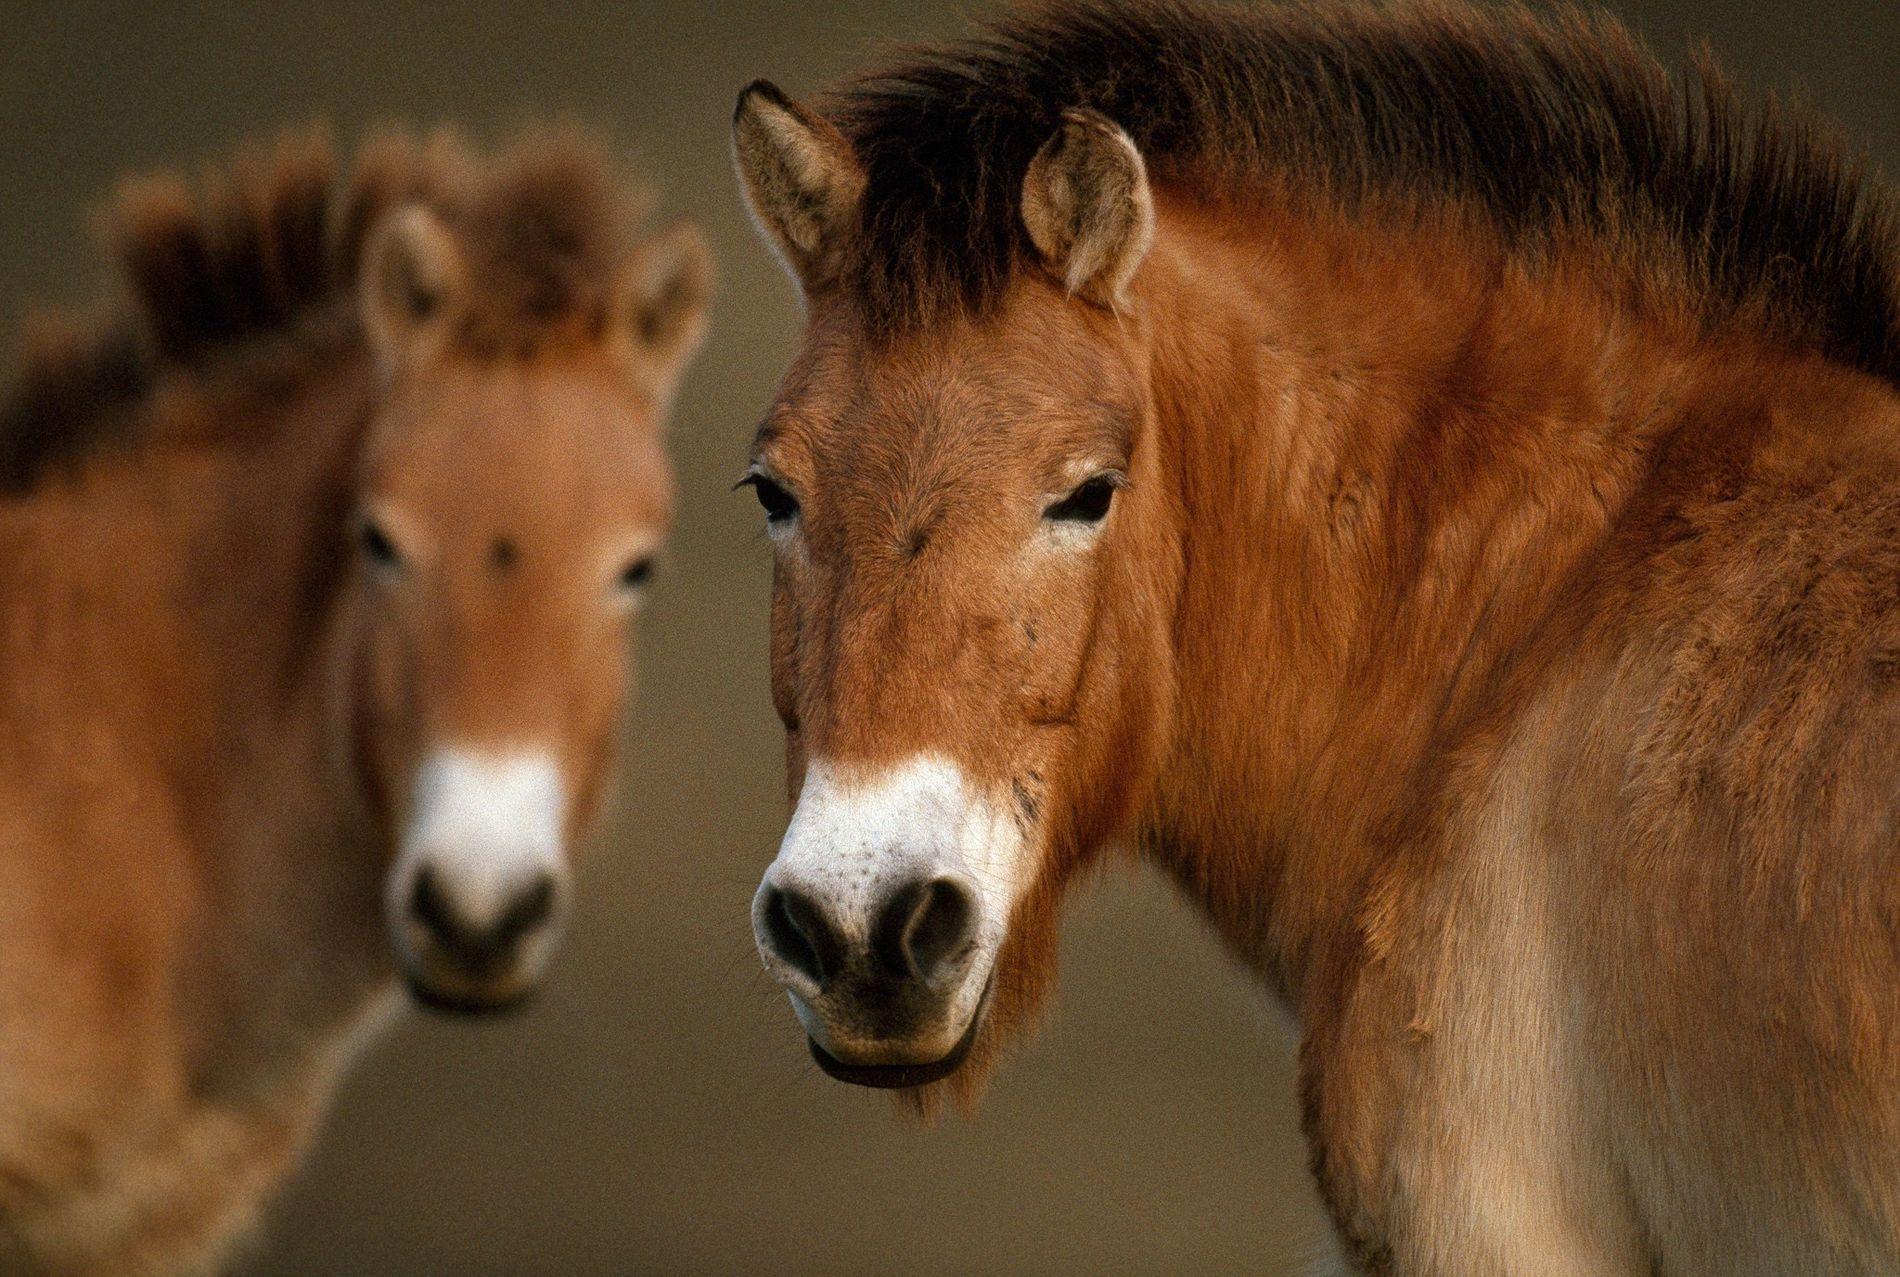 Deux chevaux de Przewalski, espèce que l'on considérait autrefois comme éteinte à l'état sauvage.